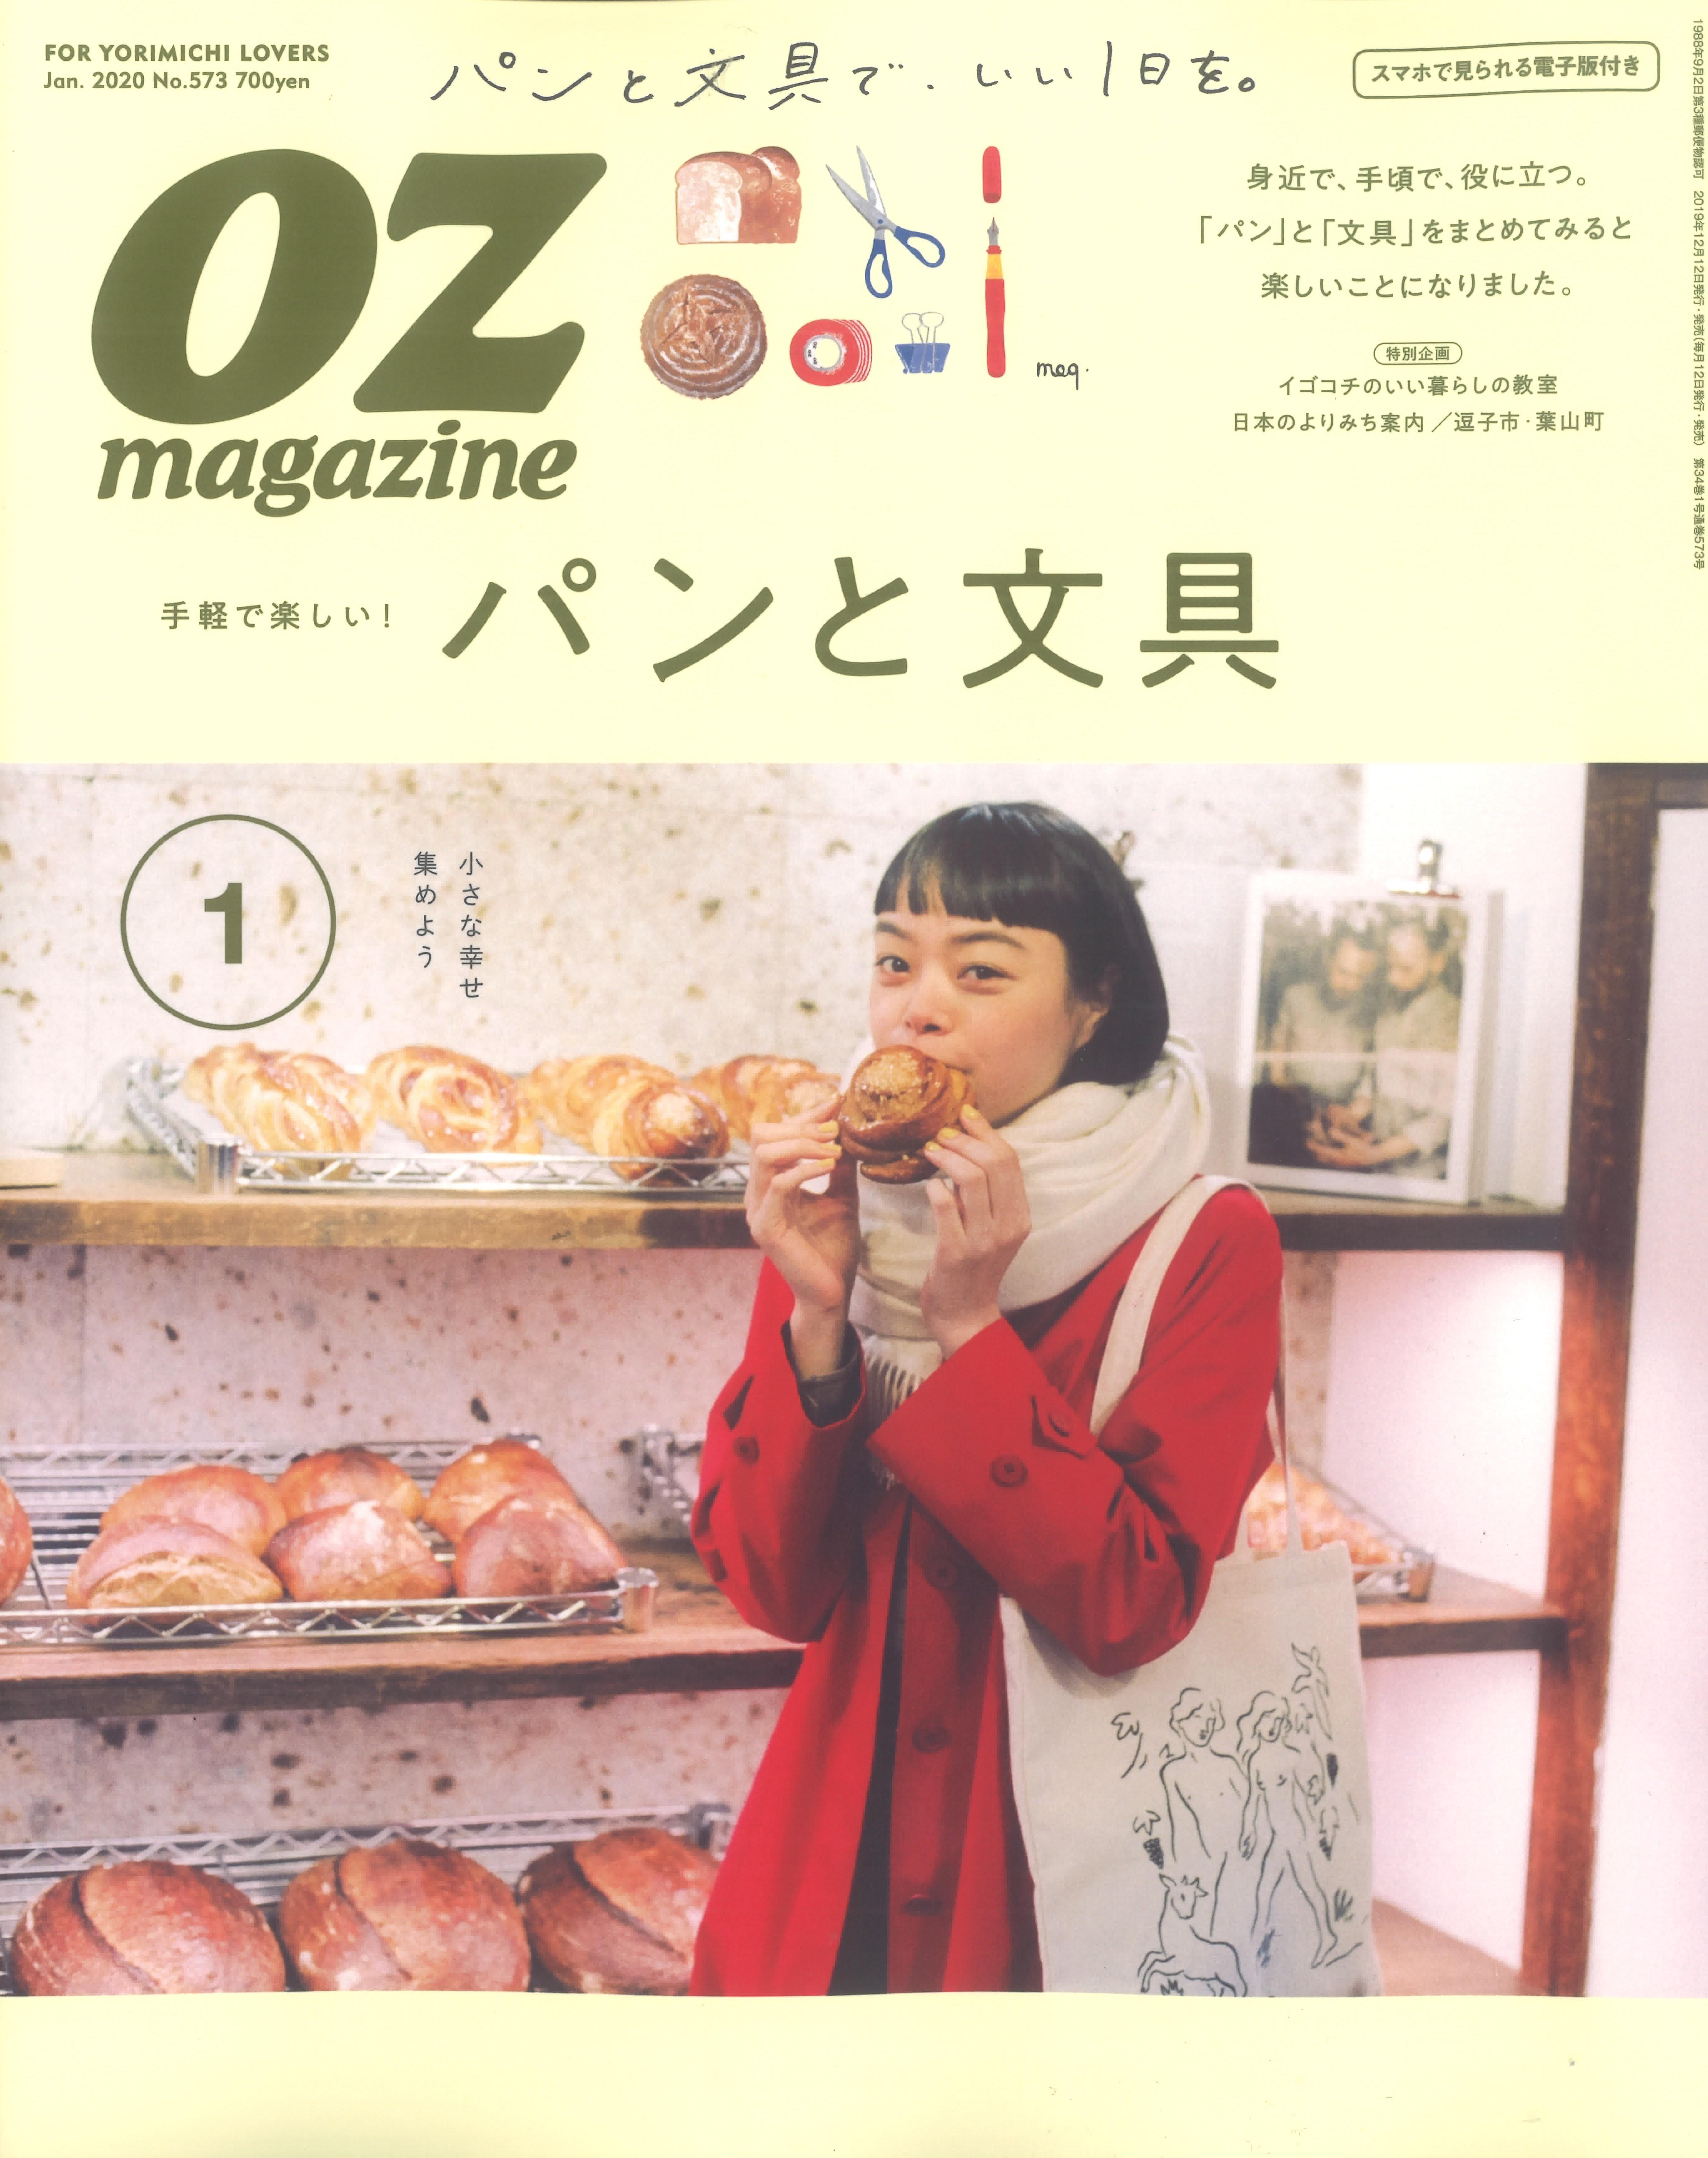 12/12 OZmagazineに掲載されました